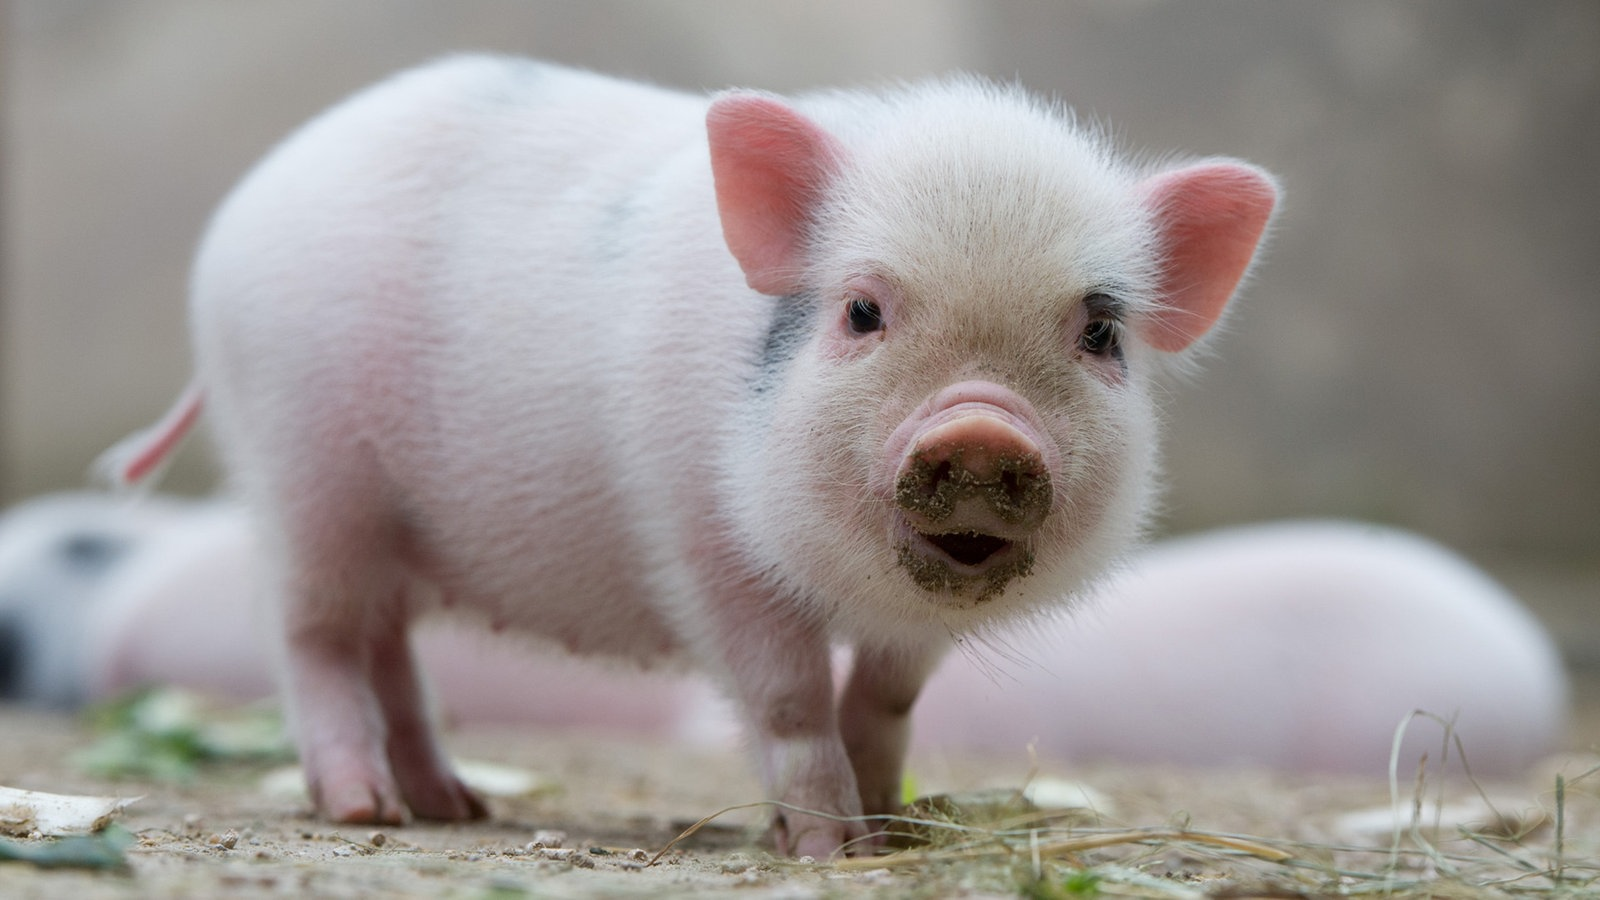 schweine minischweine als haustiere schweine haustiere natur planet wissen. Black Bedroom Furniture Sets. Home Design Ideas